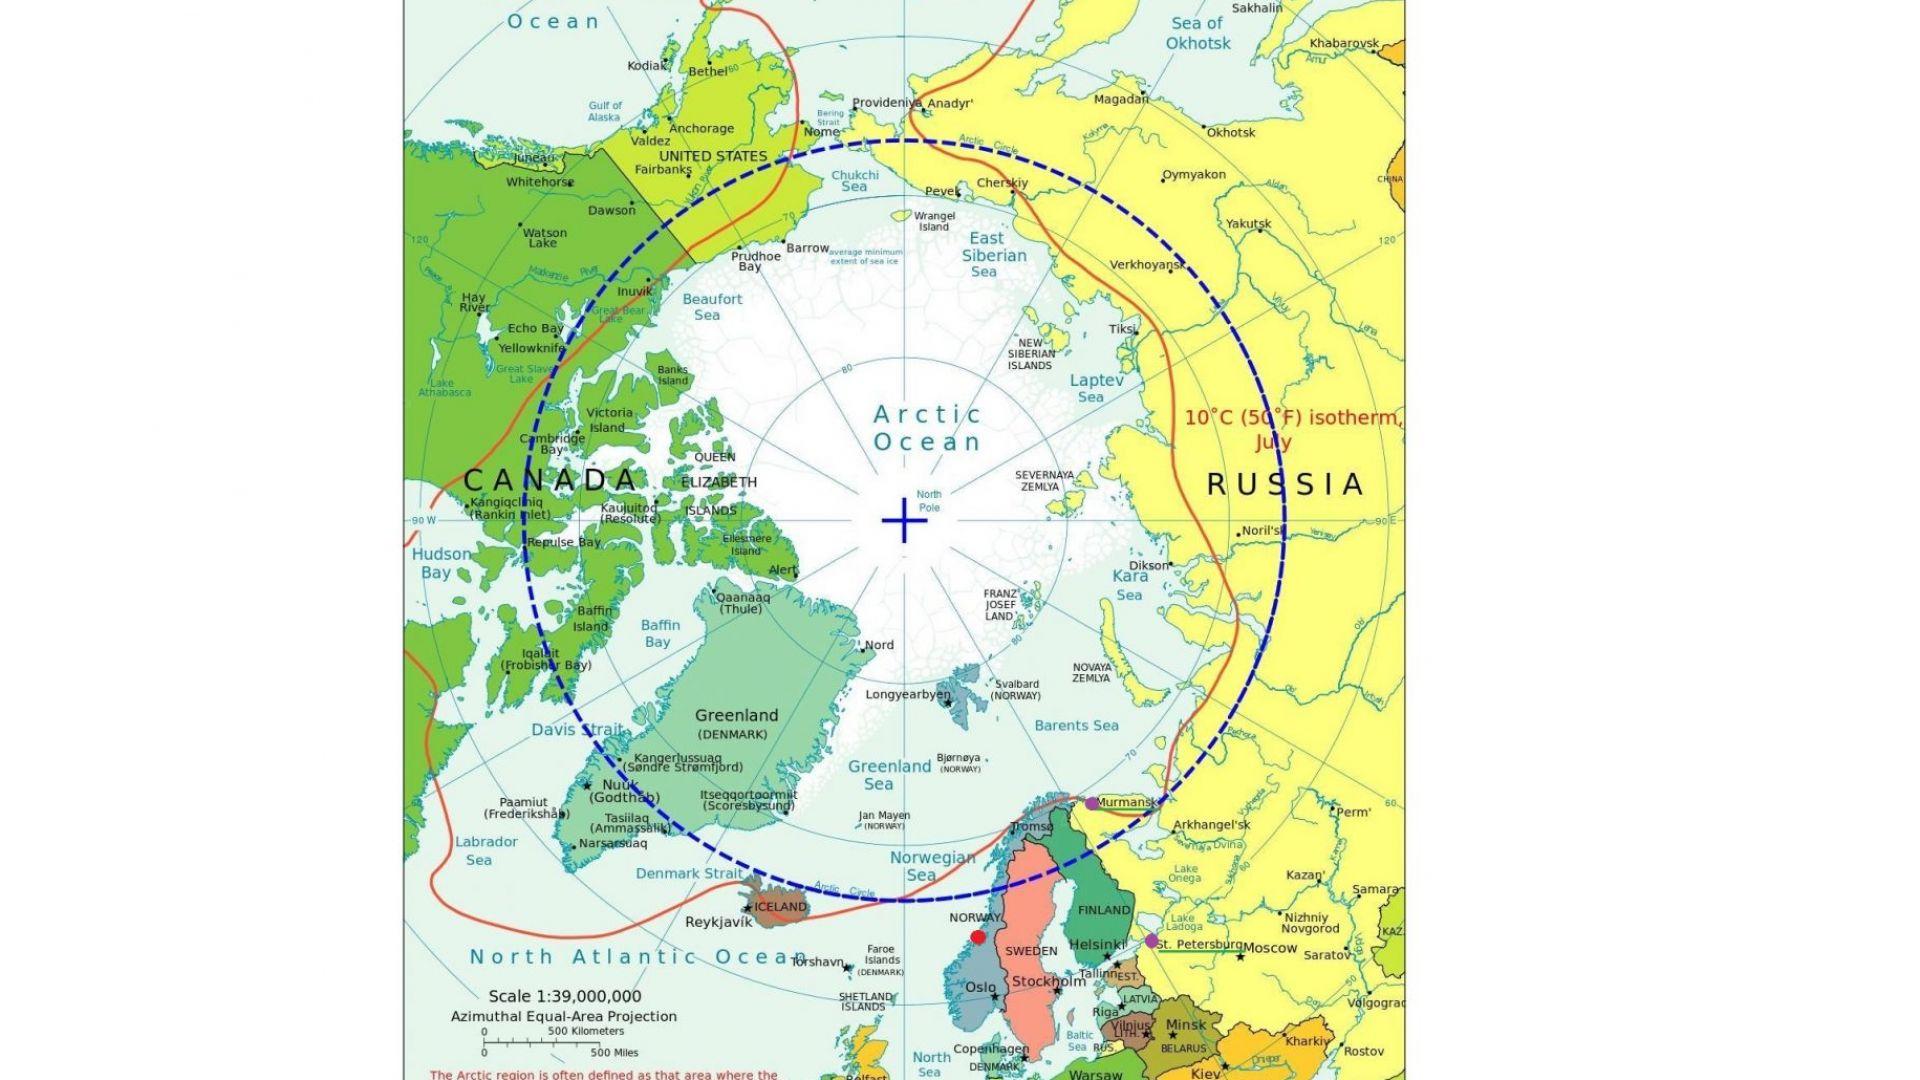 Карта, показваща базата Ерлан в червено, както и Мурманск и Санкт Петербург в лилаво